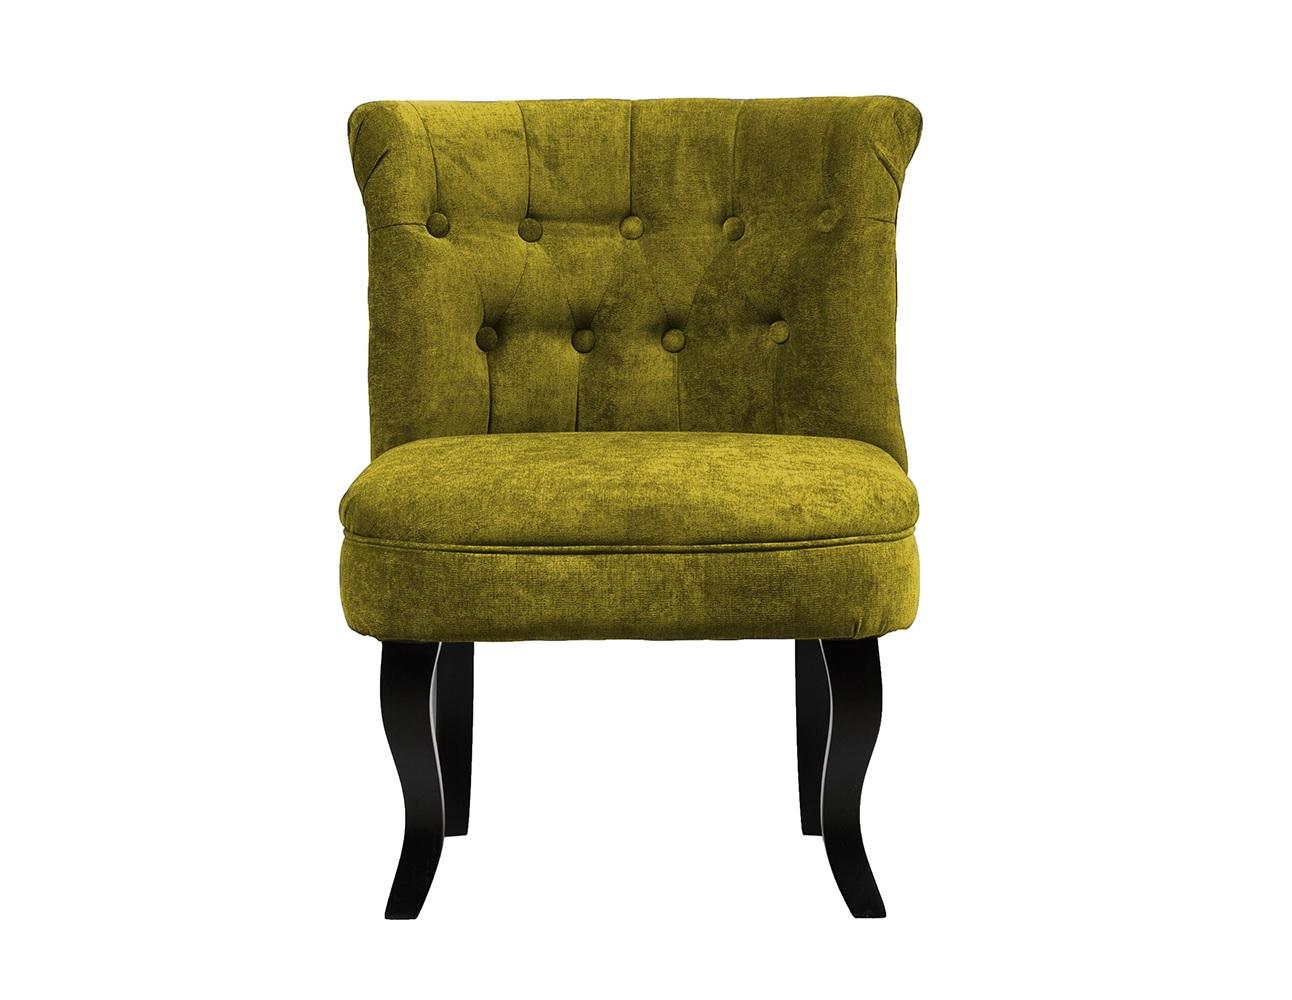 Кресло DawsonИнтерьерные кресла<br>Кресло Dawson — неимоверно комфортное, удобное и красивое — выглядит так, словно вам его только что доставили из роскошного дома аристократической Франции. Богатая обивка, благородная форма деревянного каркаса самого предмета мебели, изящные ножки, нежный цвет — все говорит о его изысканности и шарме. Такое кресло непременно украсит ваш дом, добавив не только очарование и лоск, но и уют и тепло.<br><br>Material: Велюр<br>Width см: 73<br>Depth см: 63<br>Height см: 56